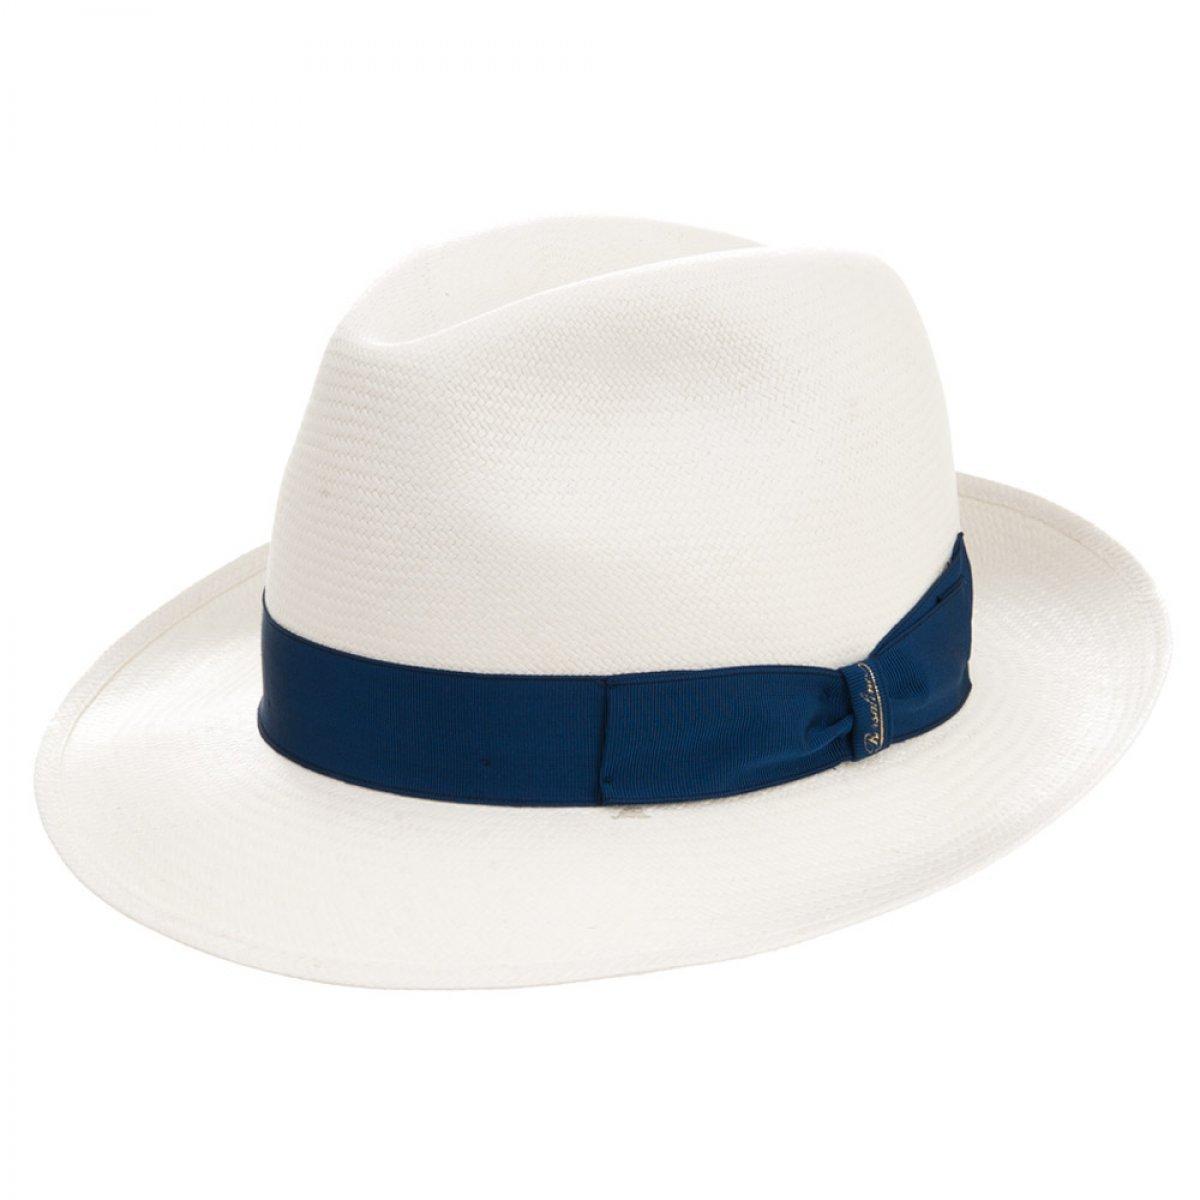 997c6436f6 Cappello Panama firmato Borsalino con fascia elegante